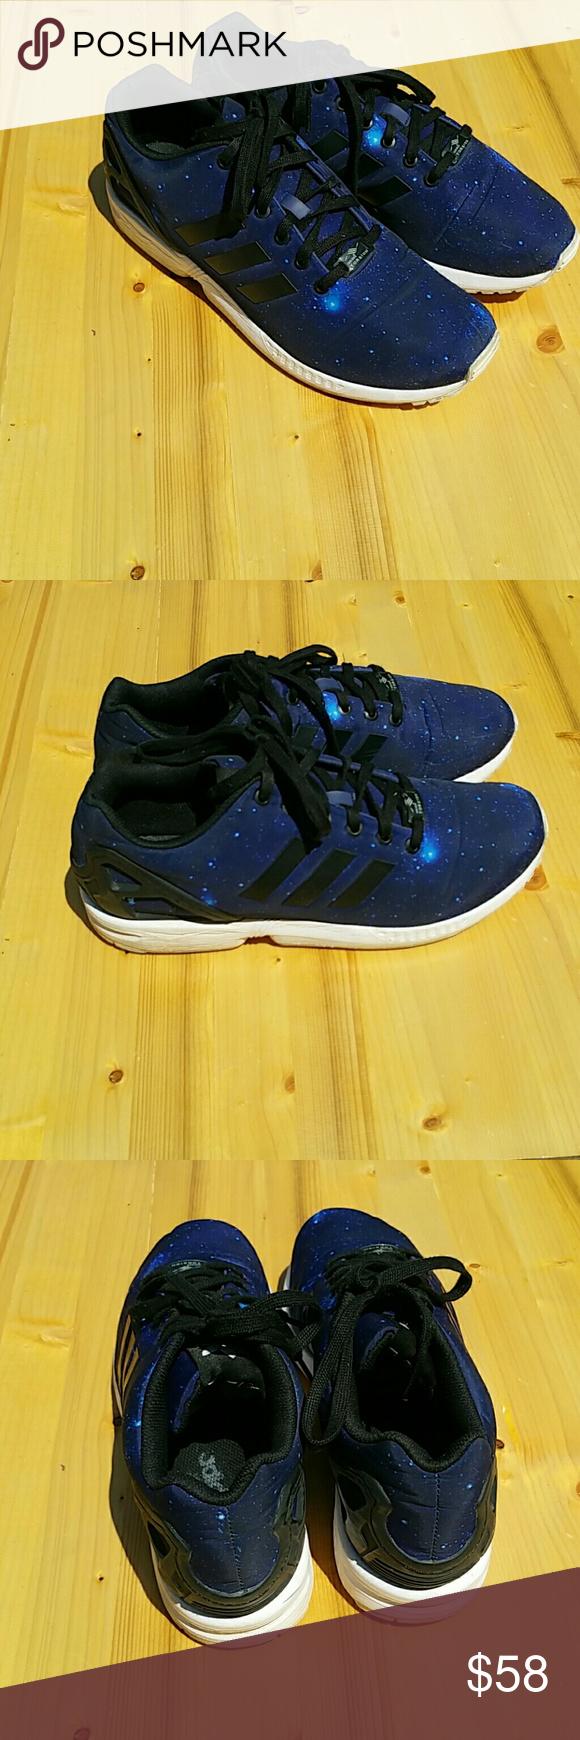 e988bd7b3b120 ... reduced adidas torsion zx flux galaxy men size 11 adidas zx flux galaxy  men size 11